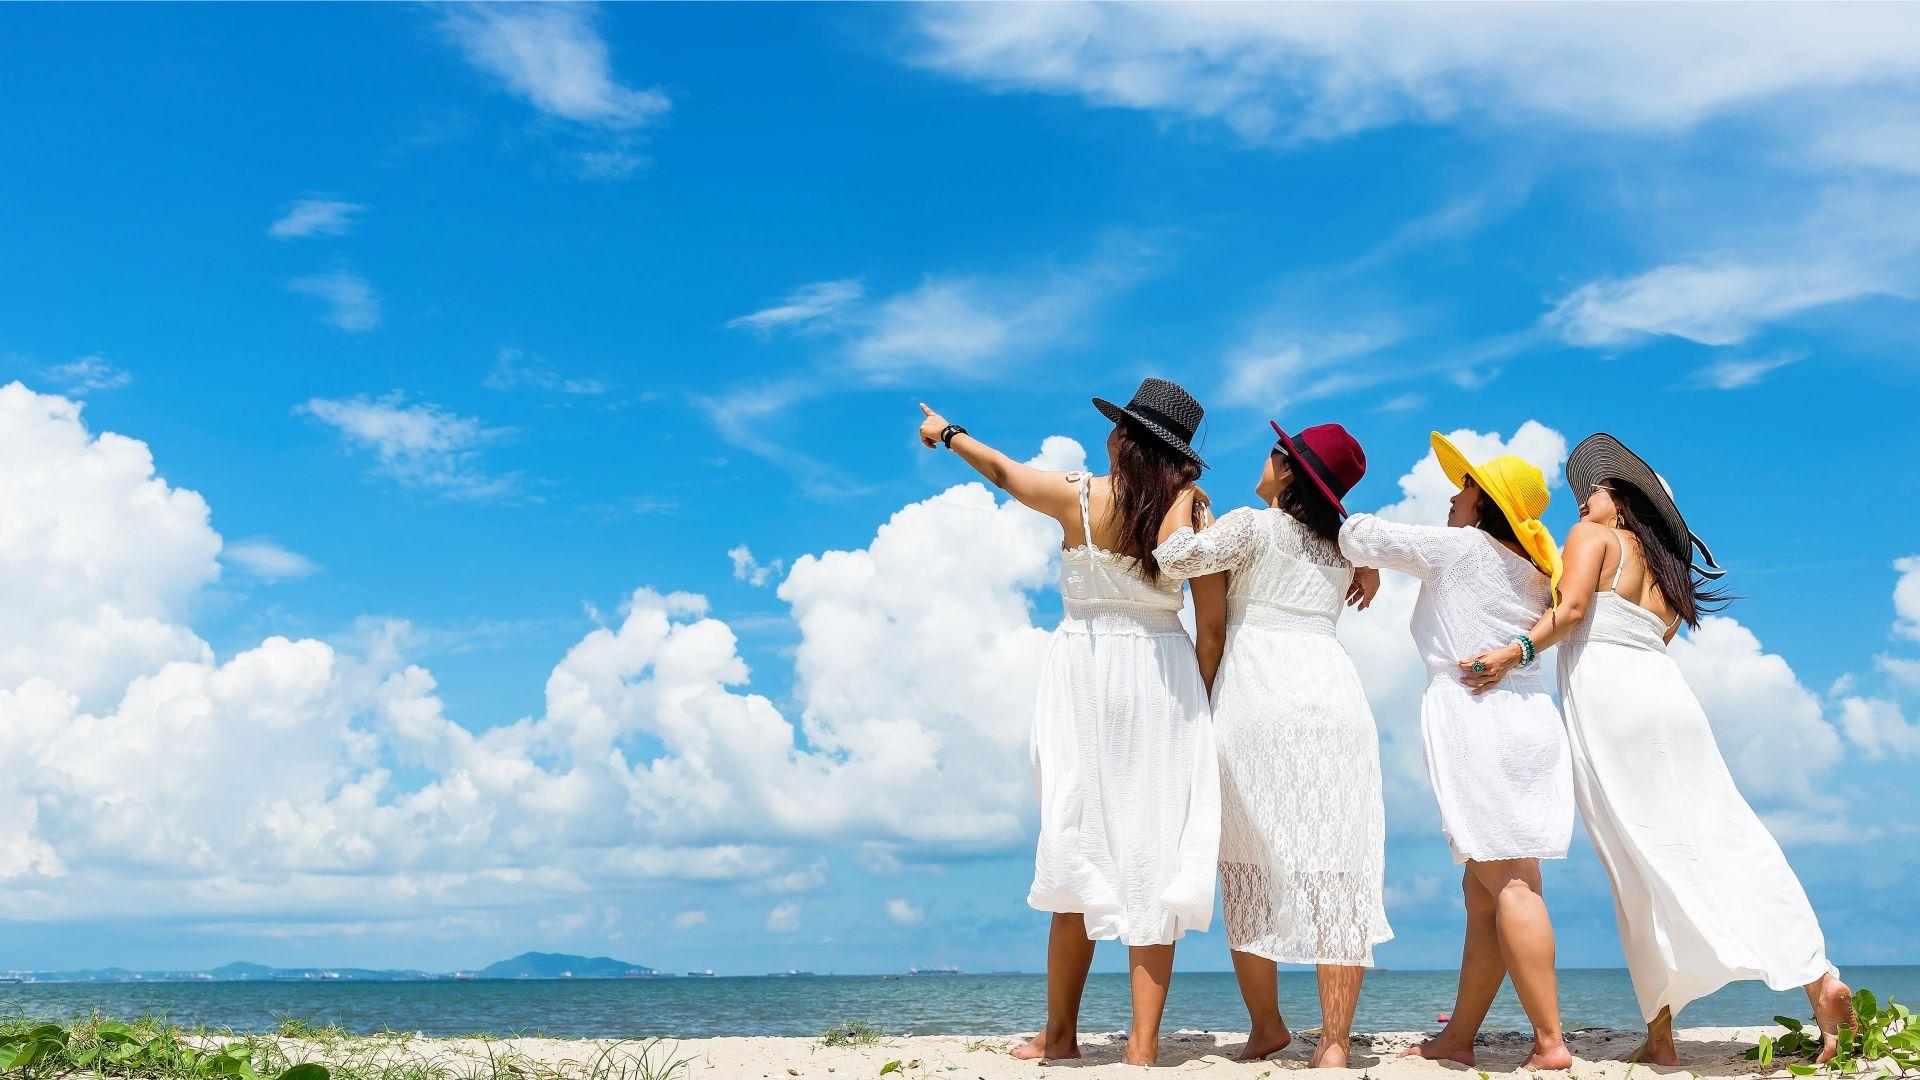 對友誼想法更成熟,因為懂得自己要什麼!選擇好的「益友」,人生變得快樂有成長